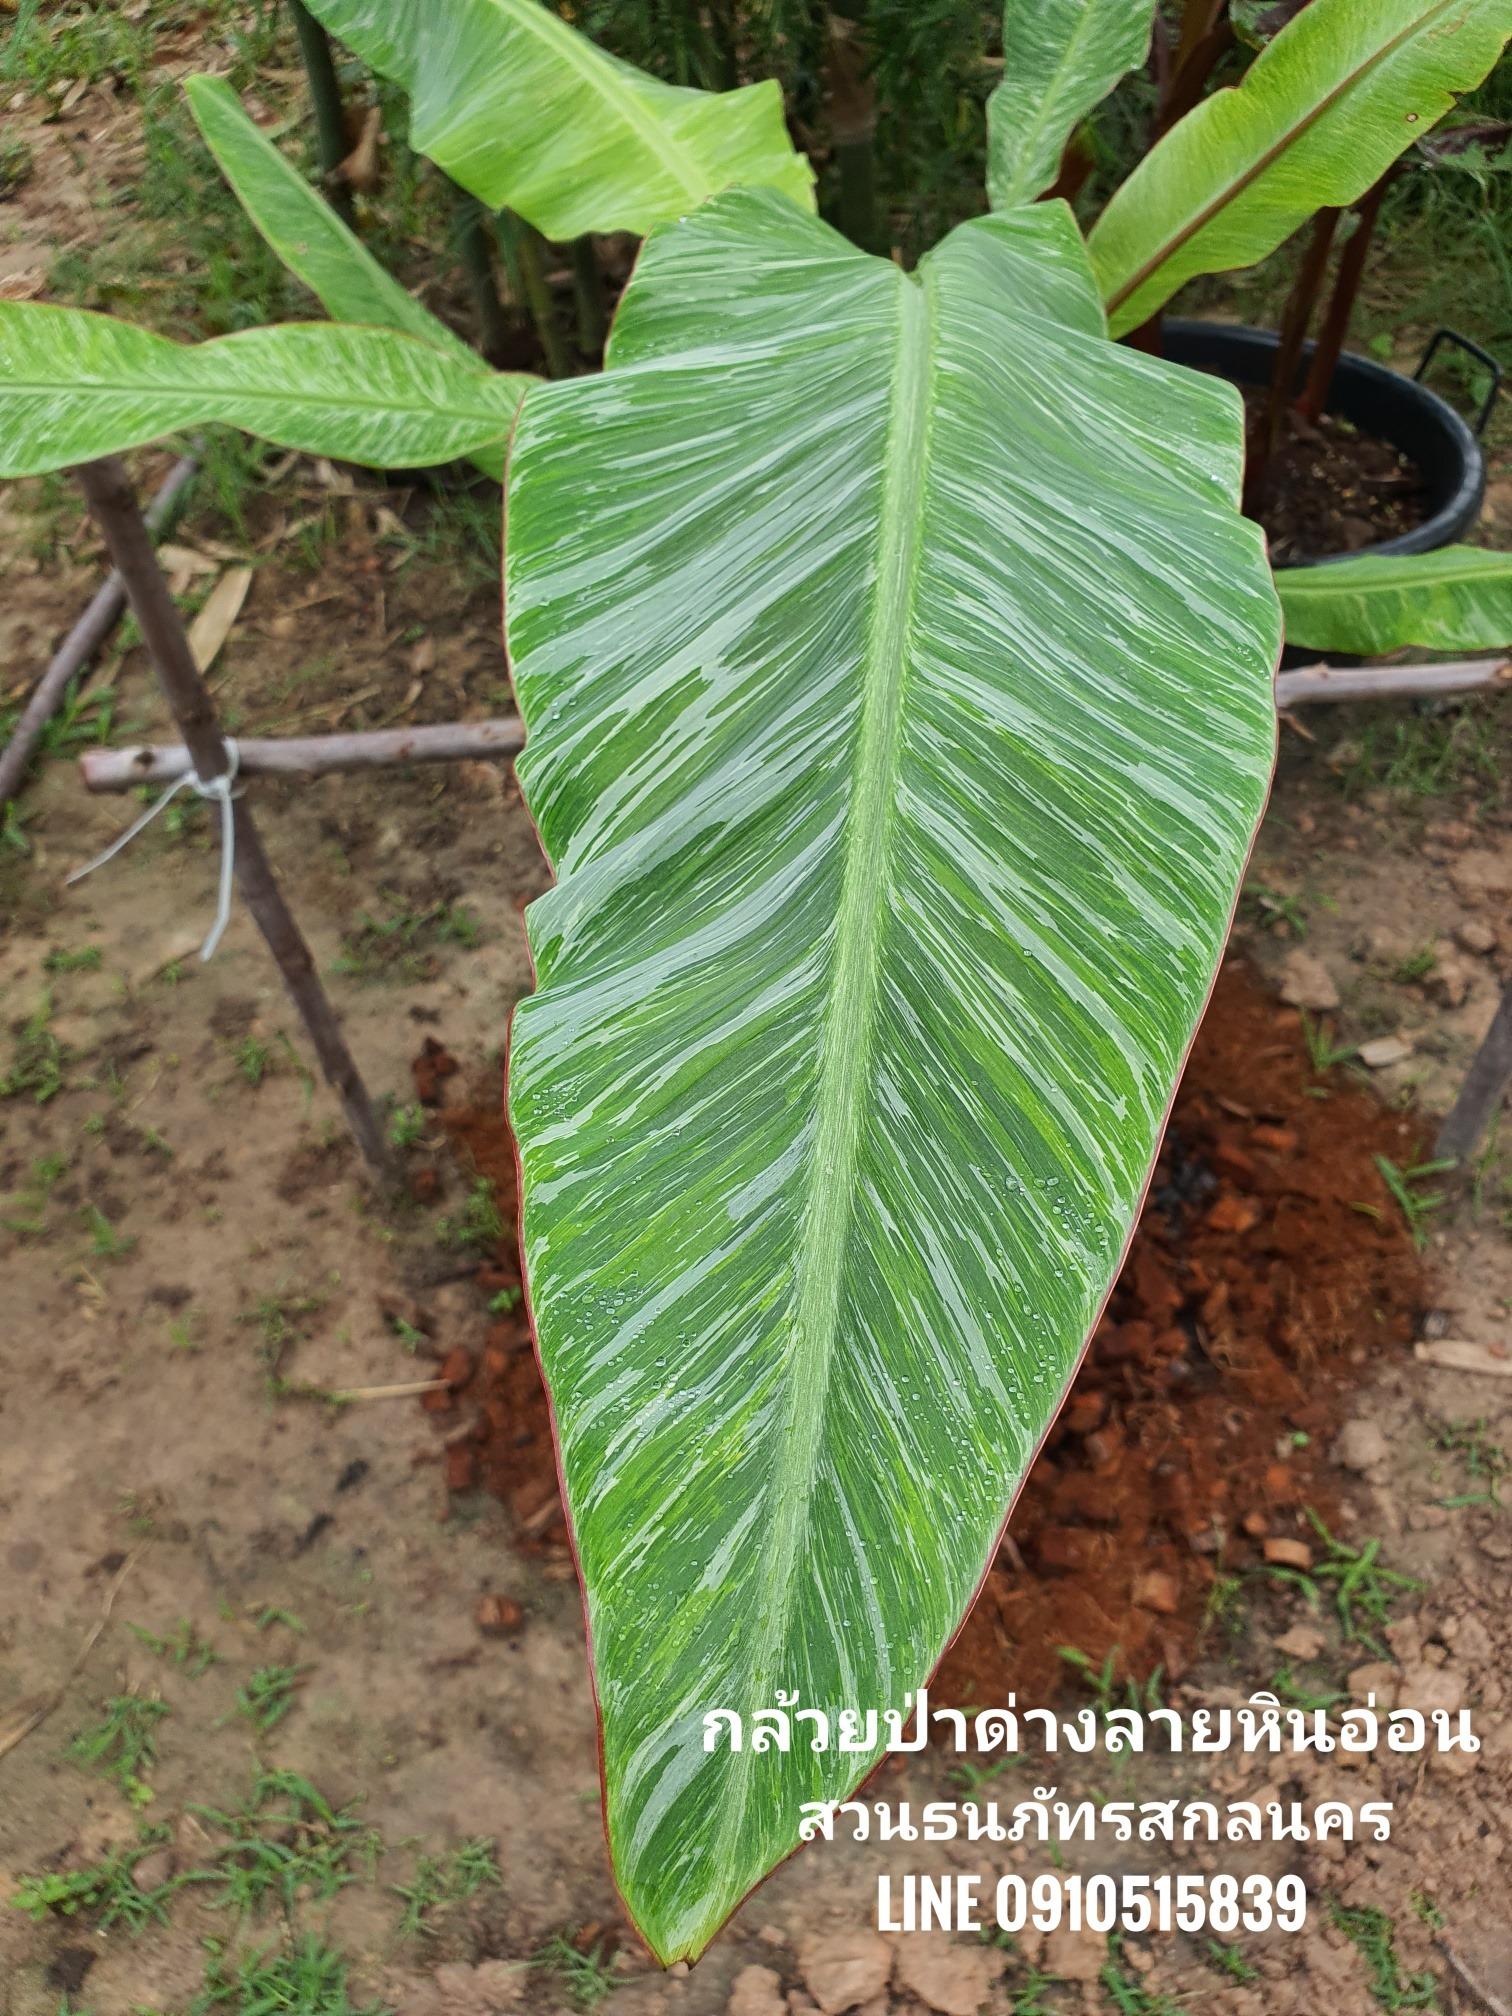 กล้วยป่าด่างลายหินอ่อน เดินป่าหามาขายได้ในราคาหลักหมื่นบาท